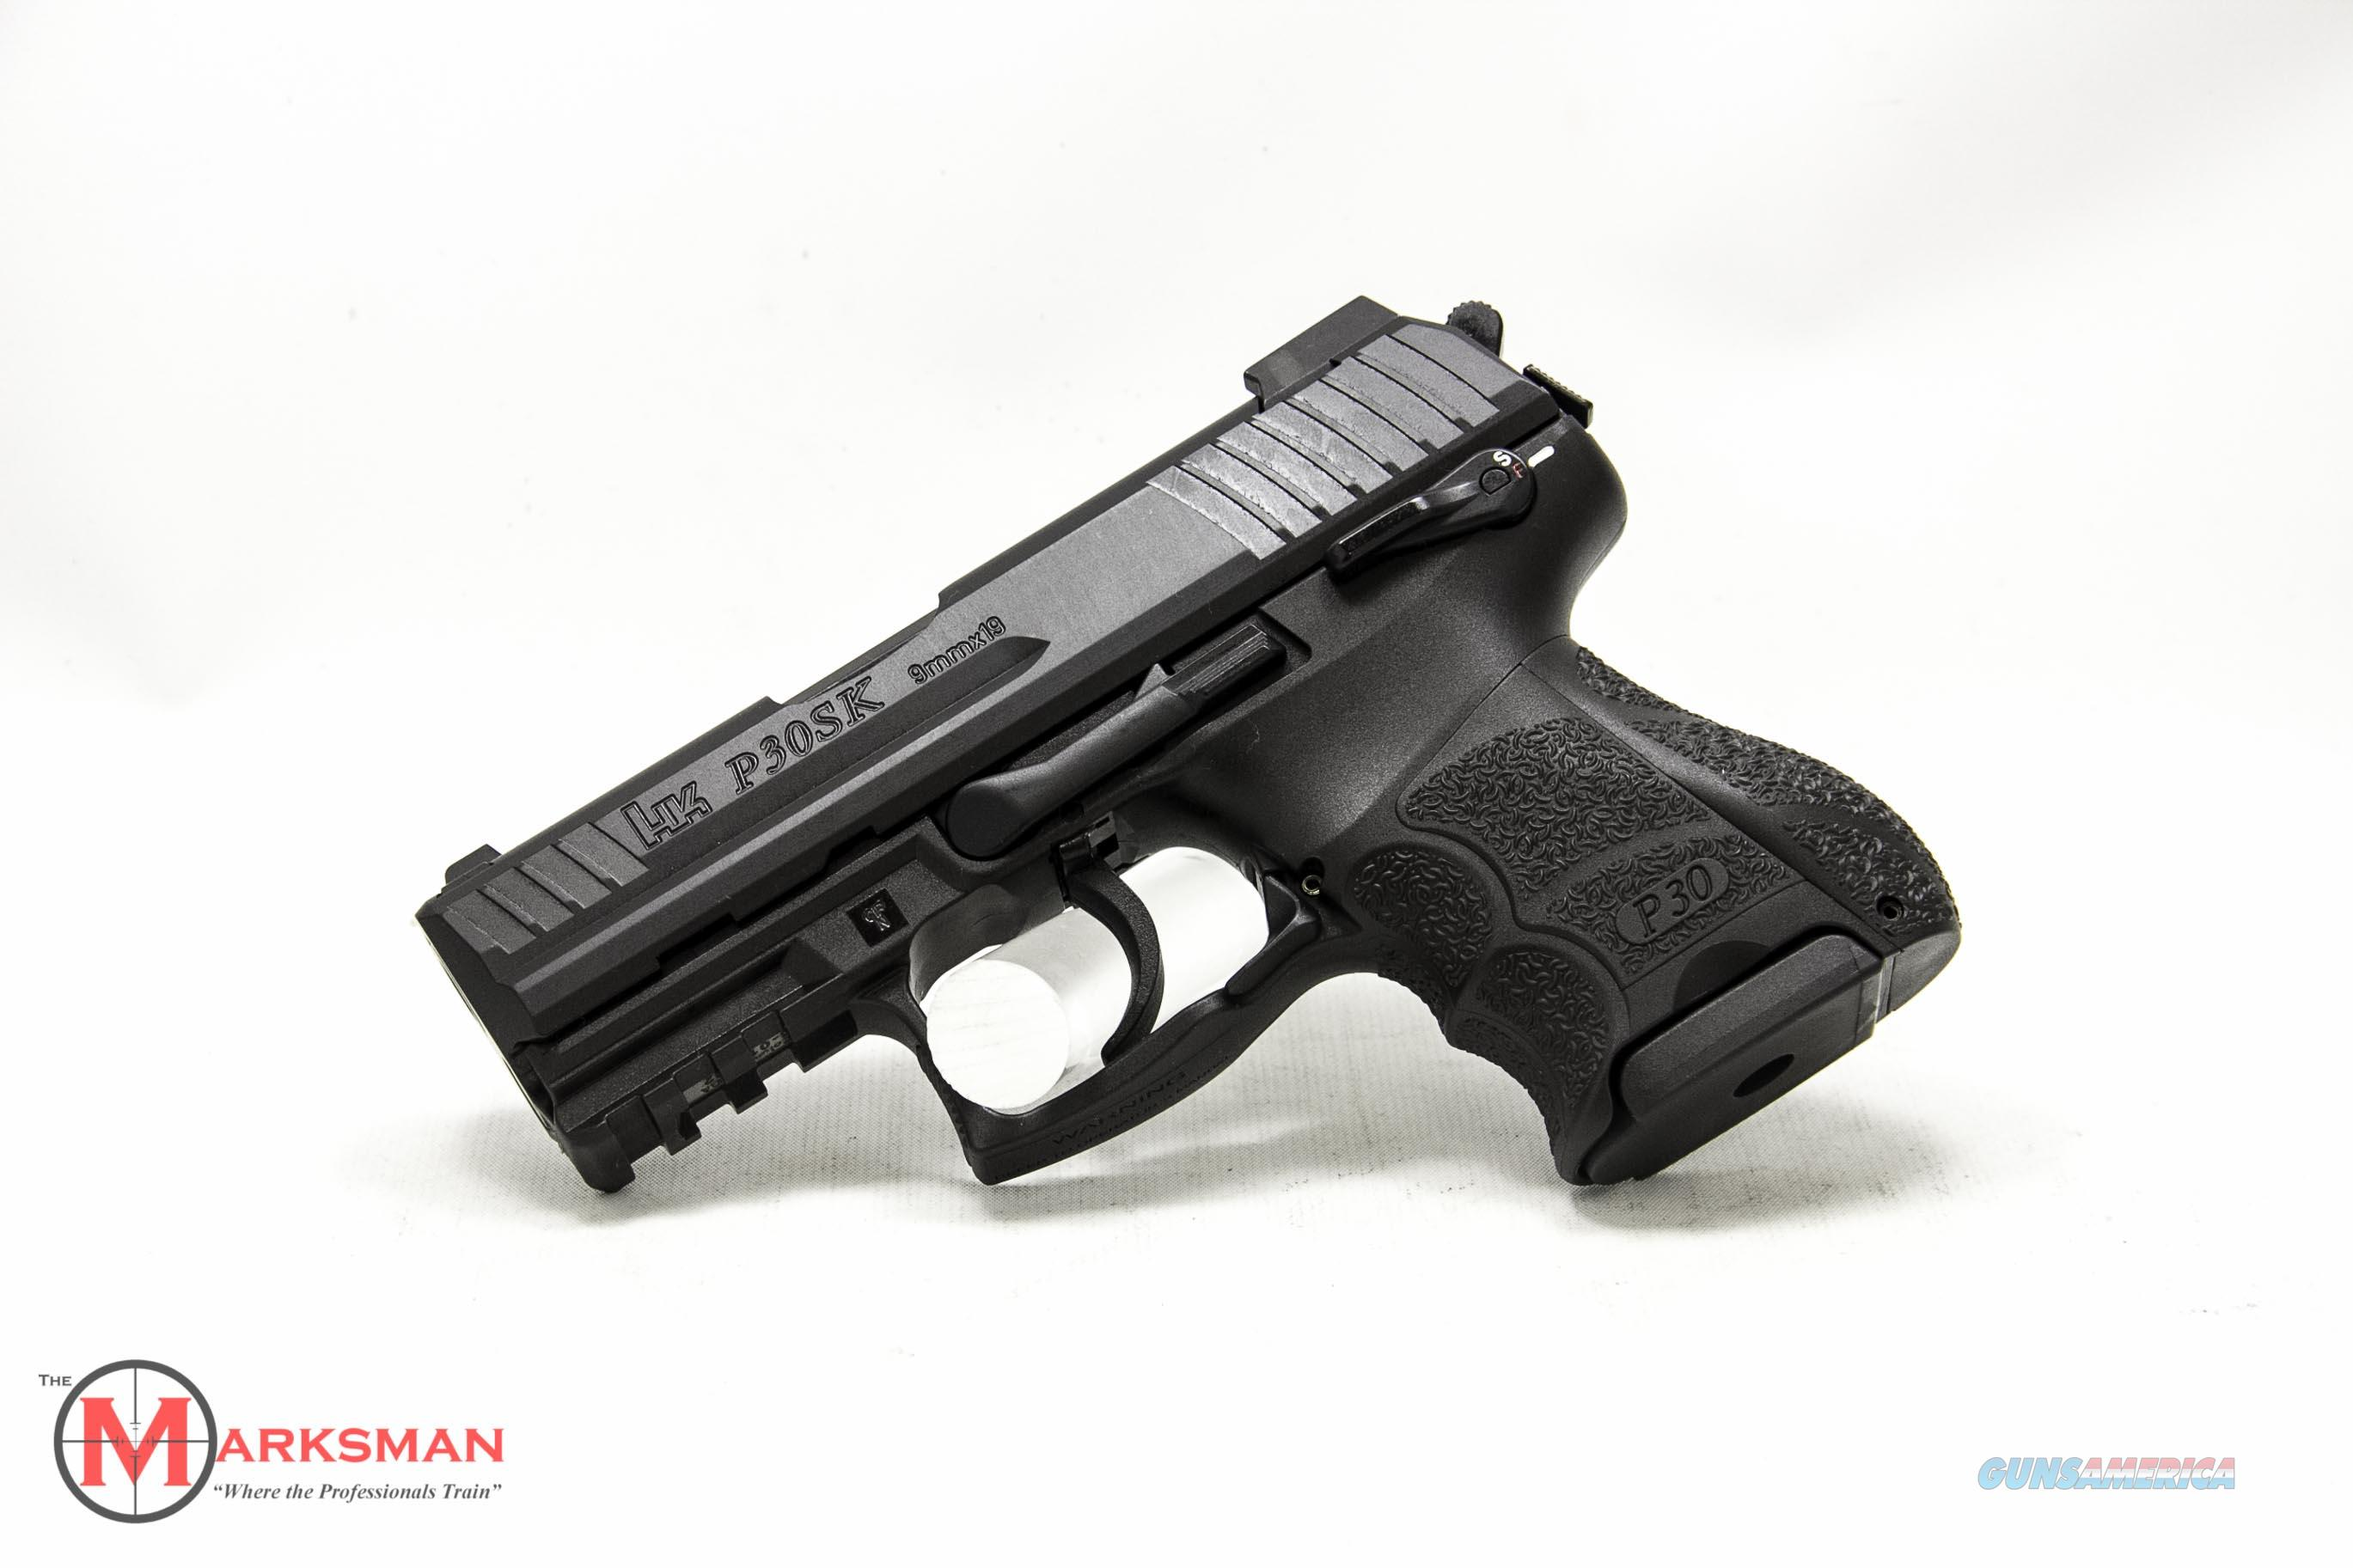 Heckler and Koch P30SKS Variant 3 9mm NEW Tritium Night Sights and Three Magazines  Guns > Pistols > Heckler & Koch Pistols > Polymer Frame